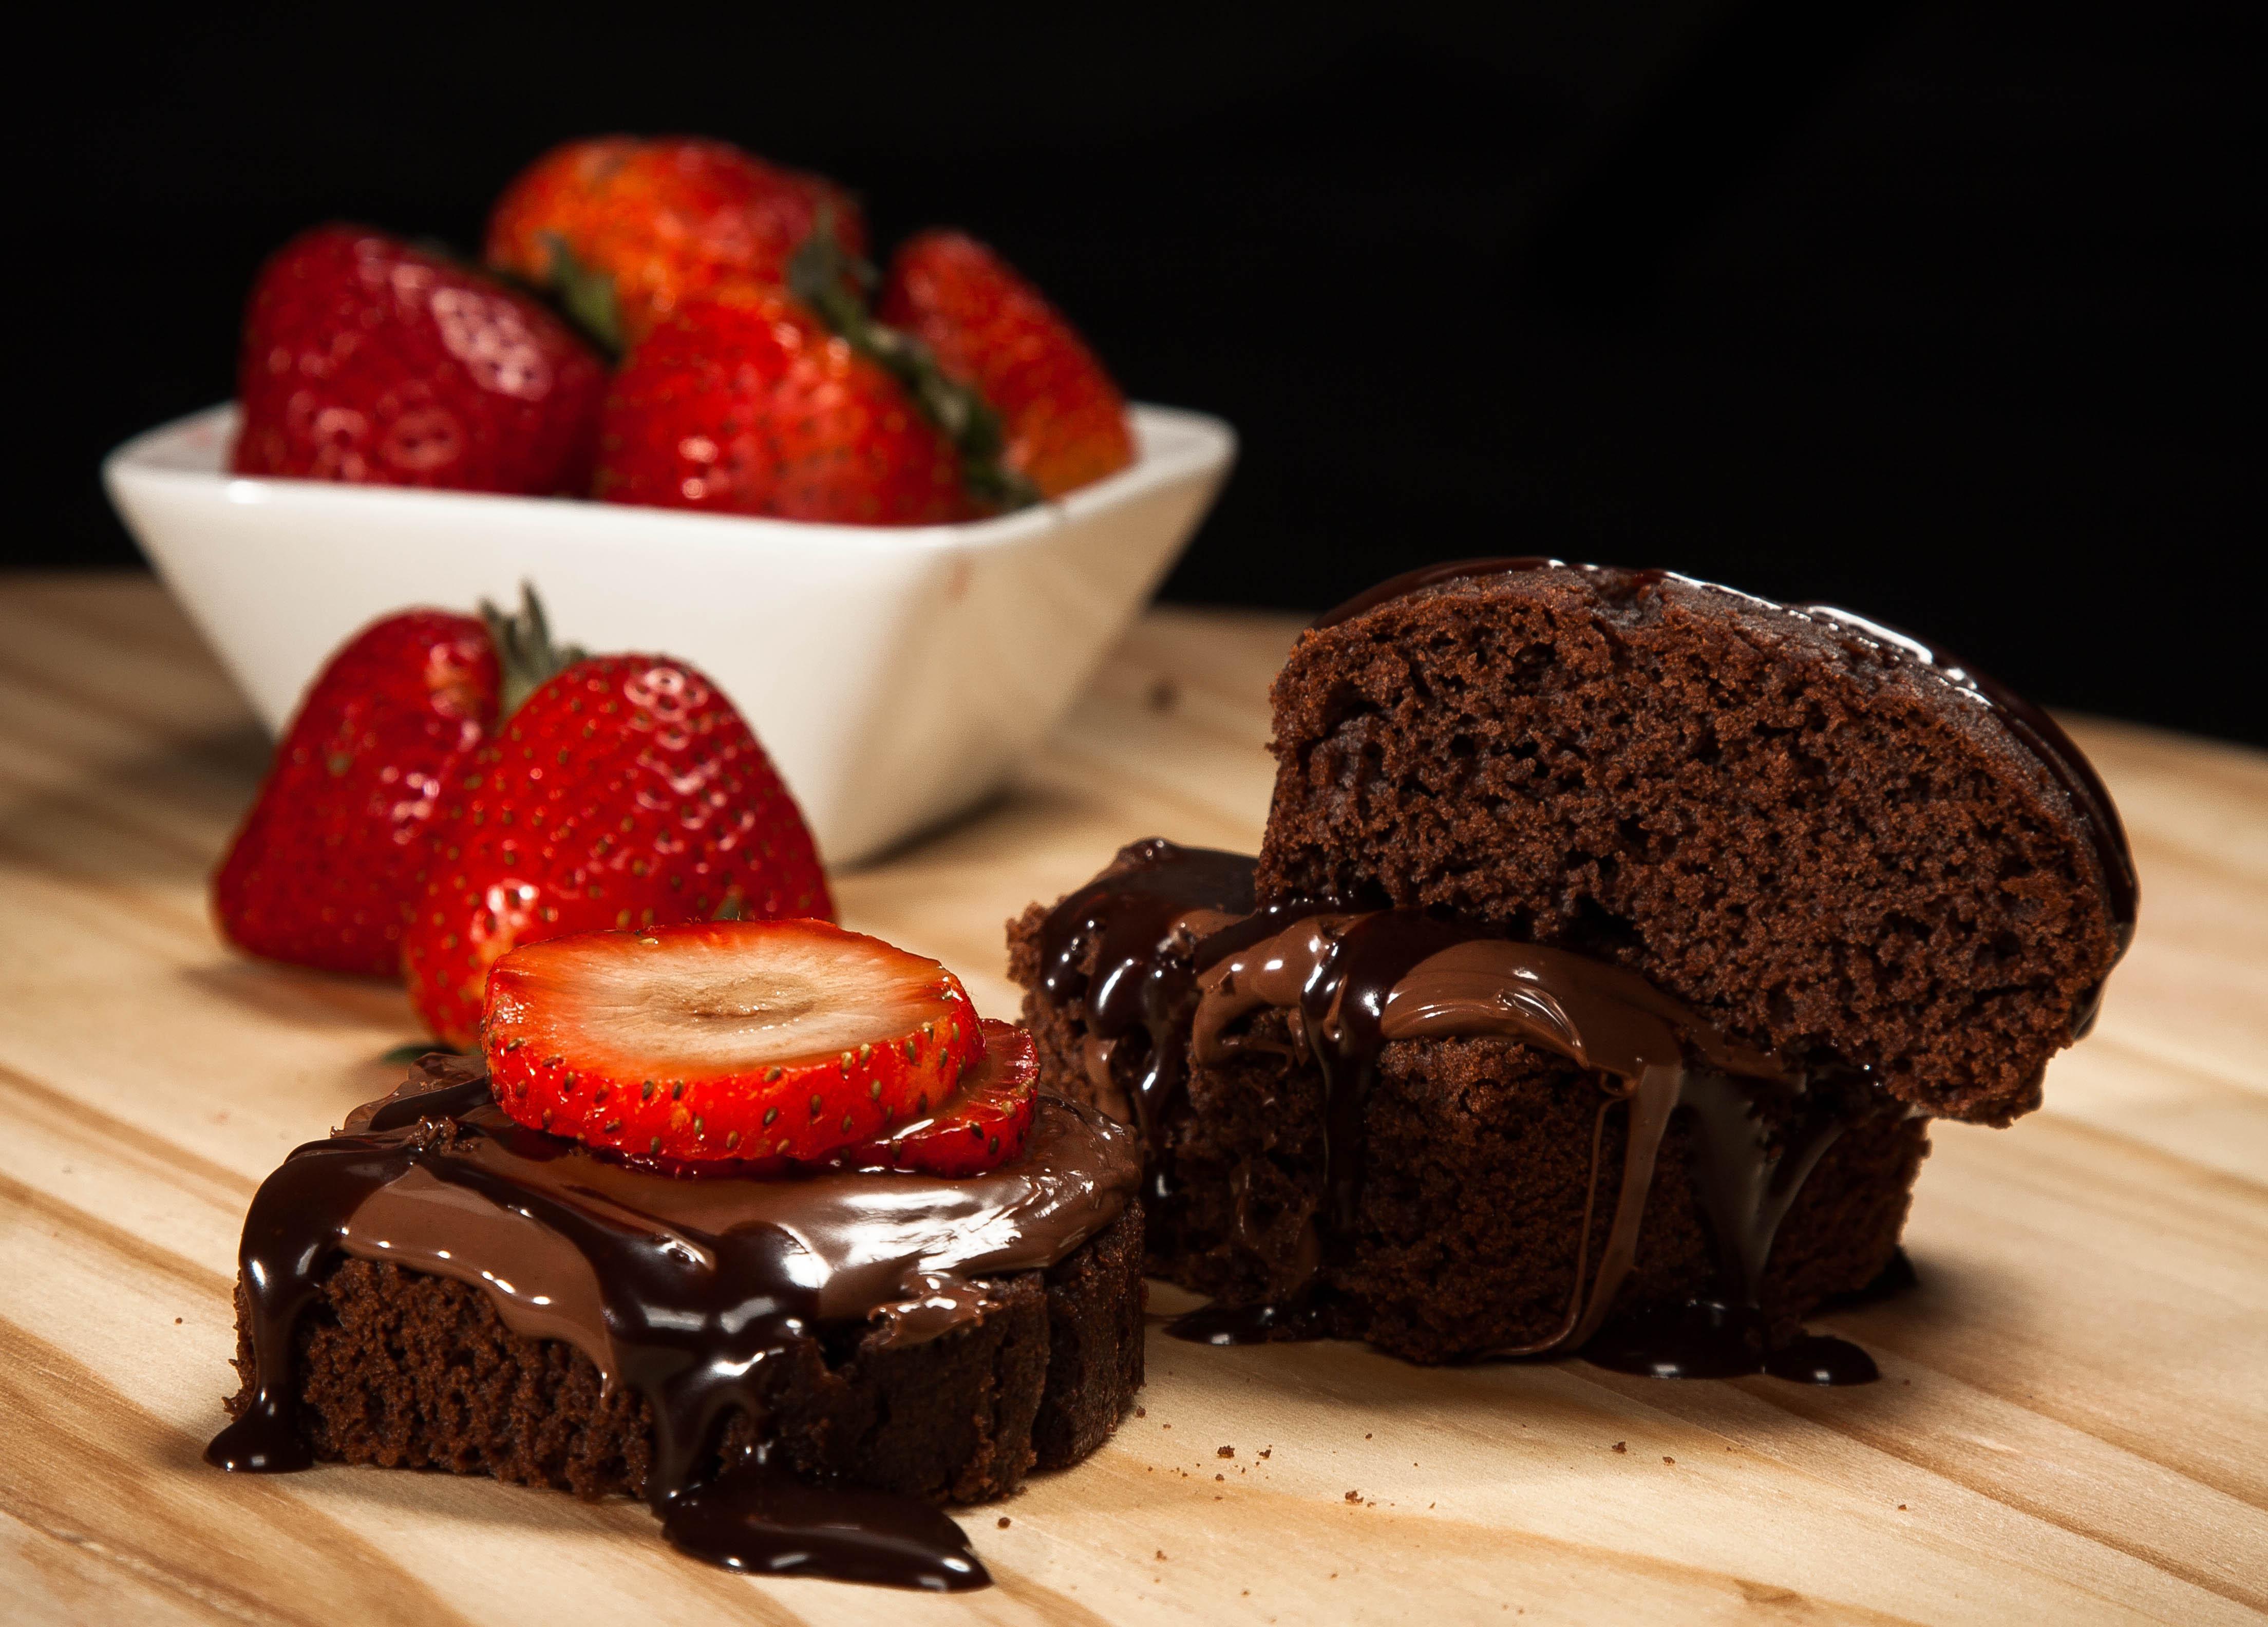 Самая аппетитная картинка с шоколадом